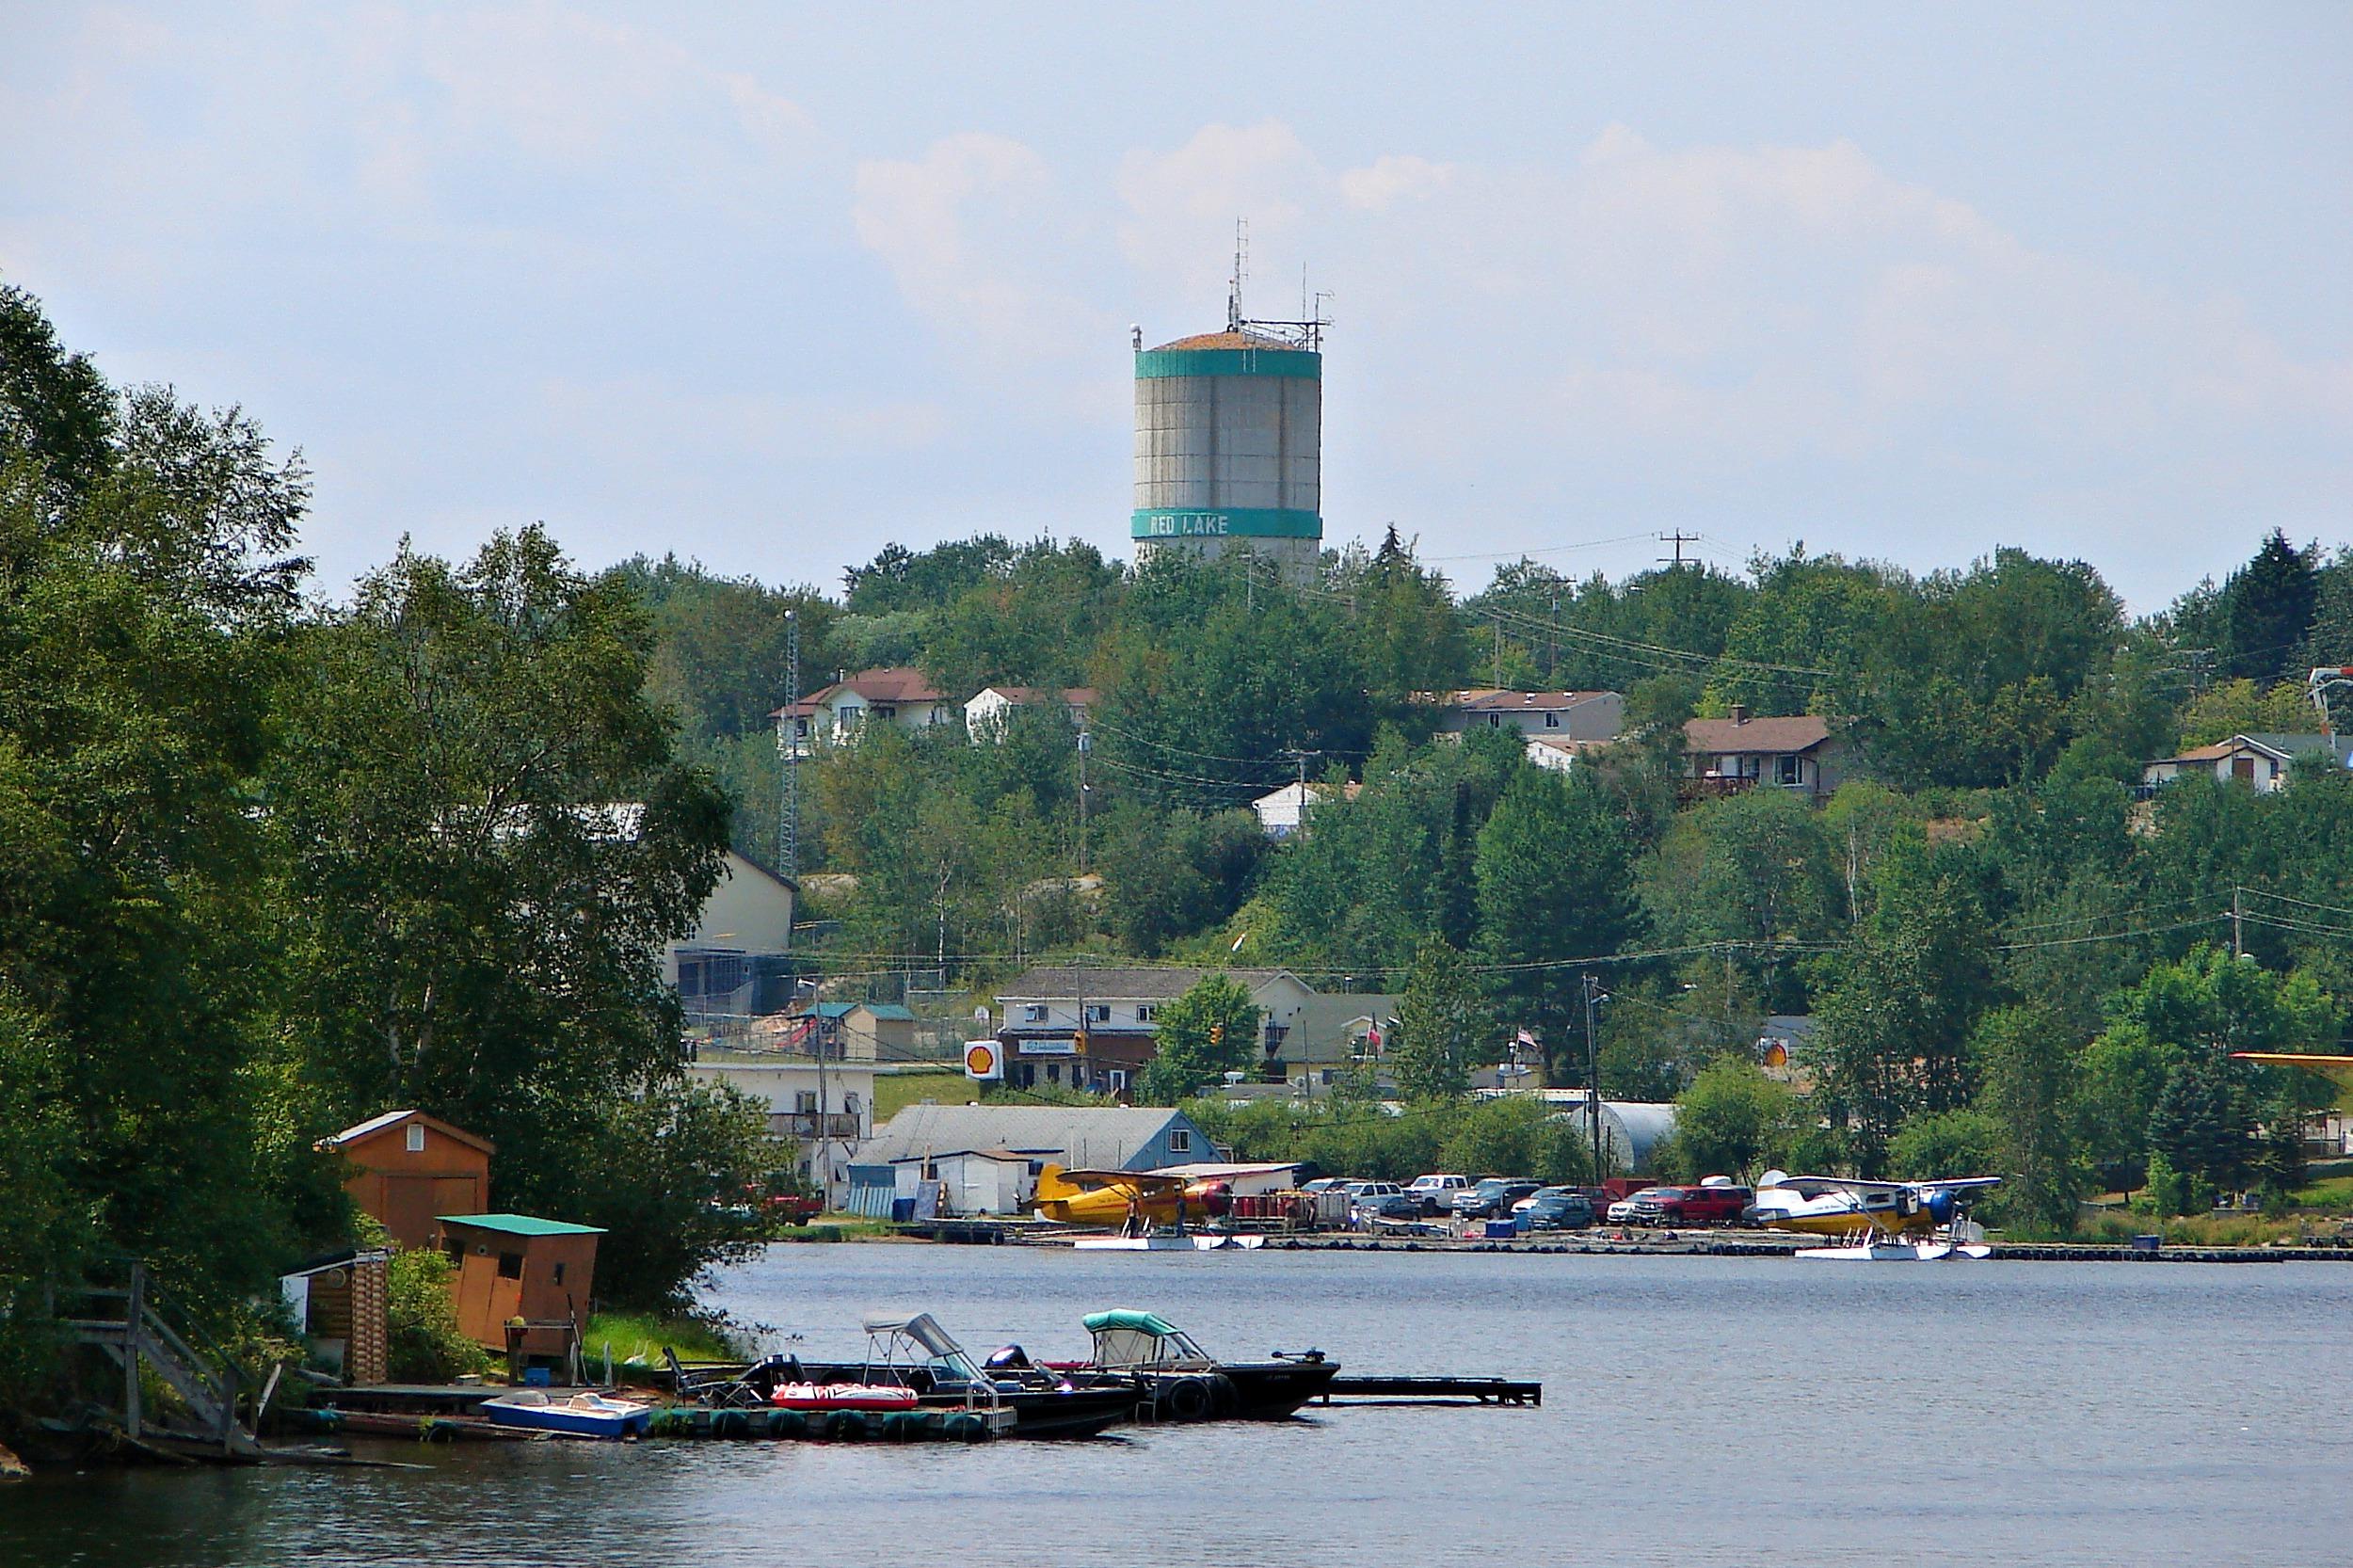 Lake-view shot of Red Lake Ontario